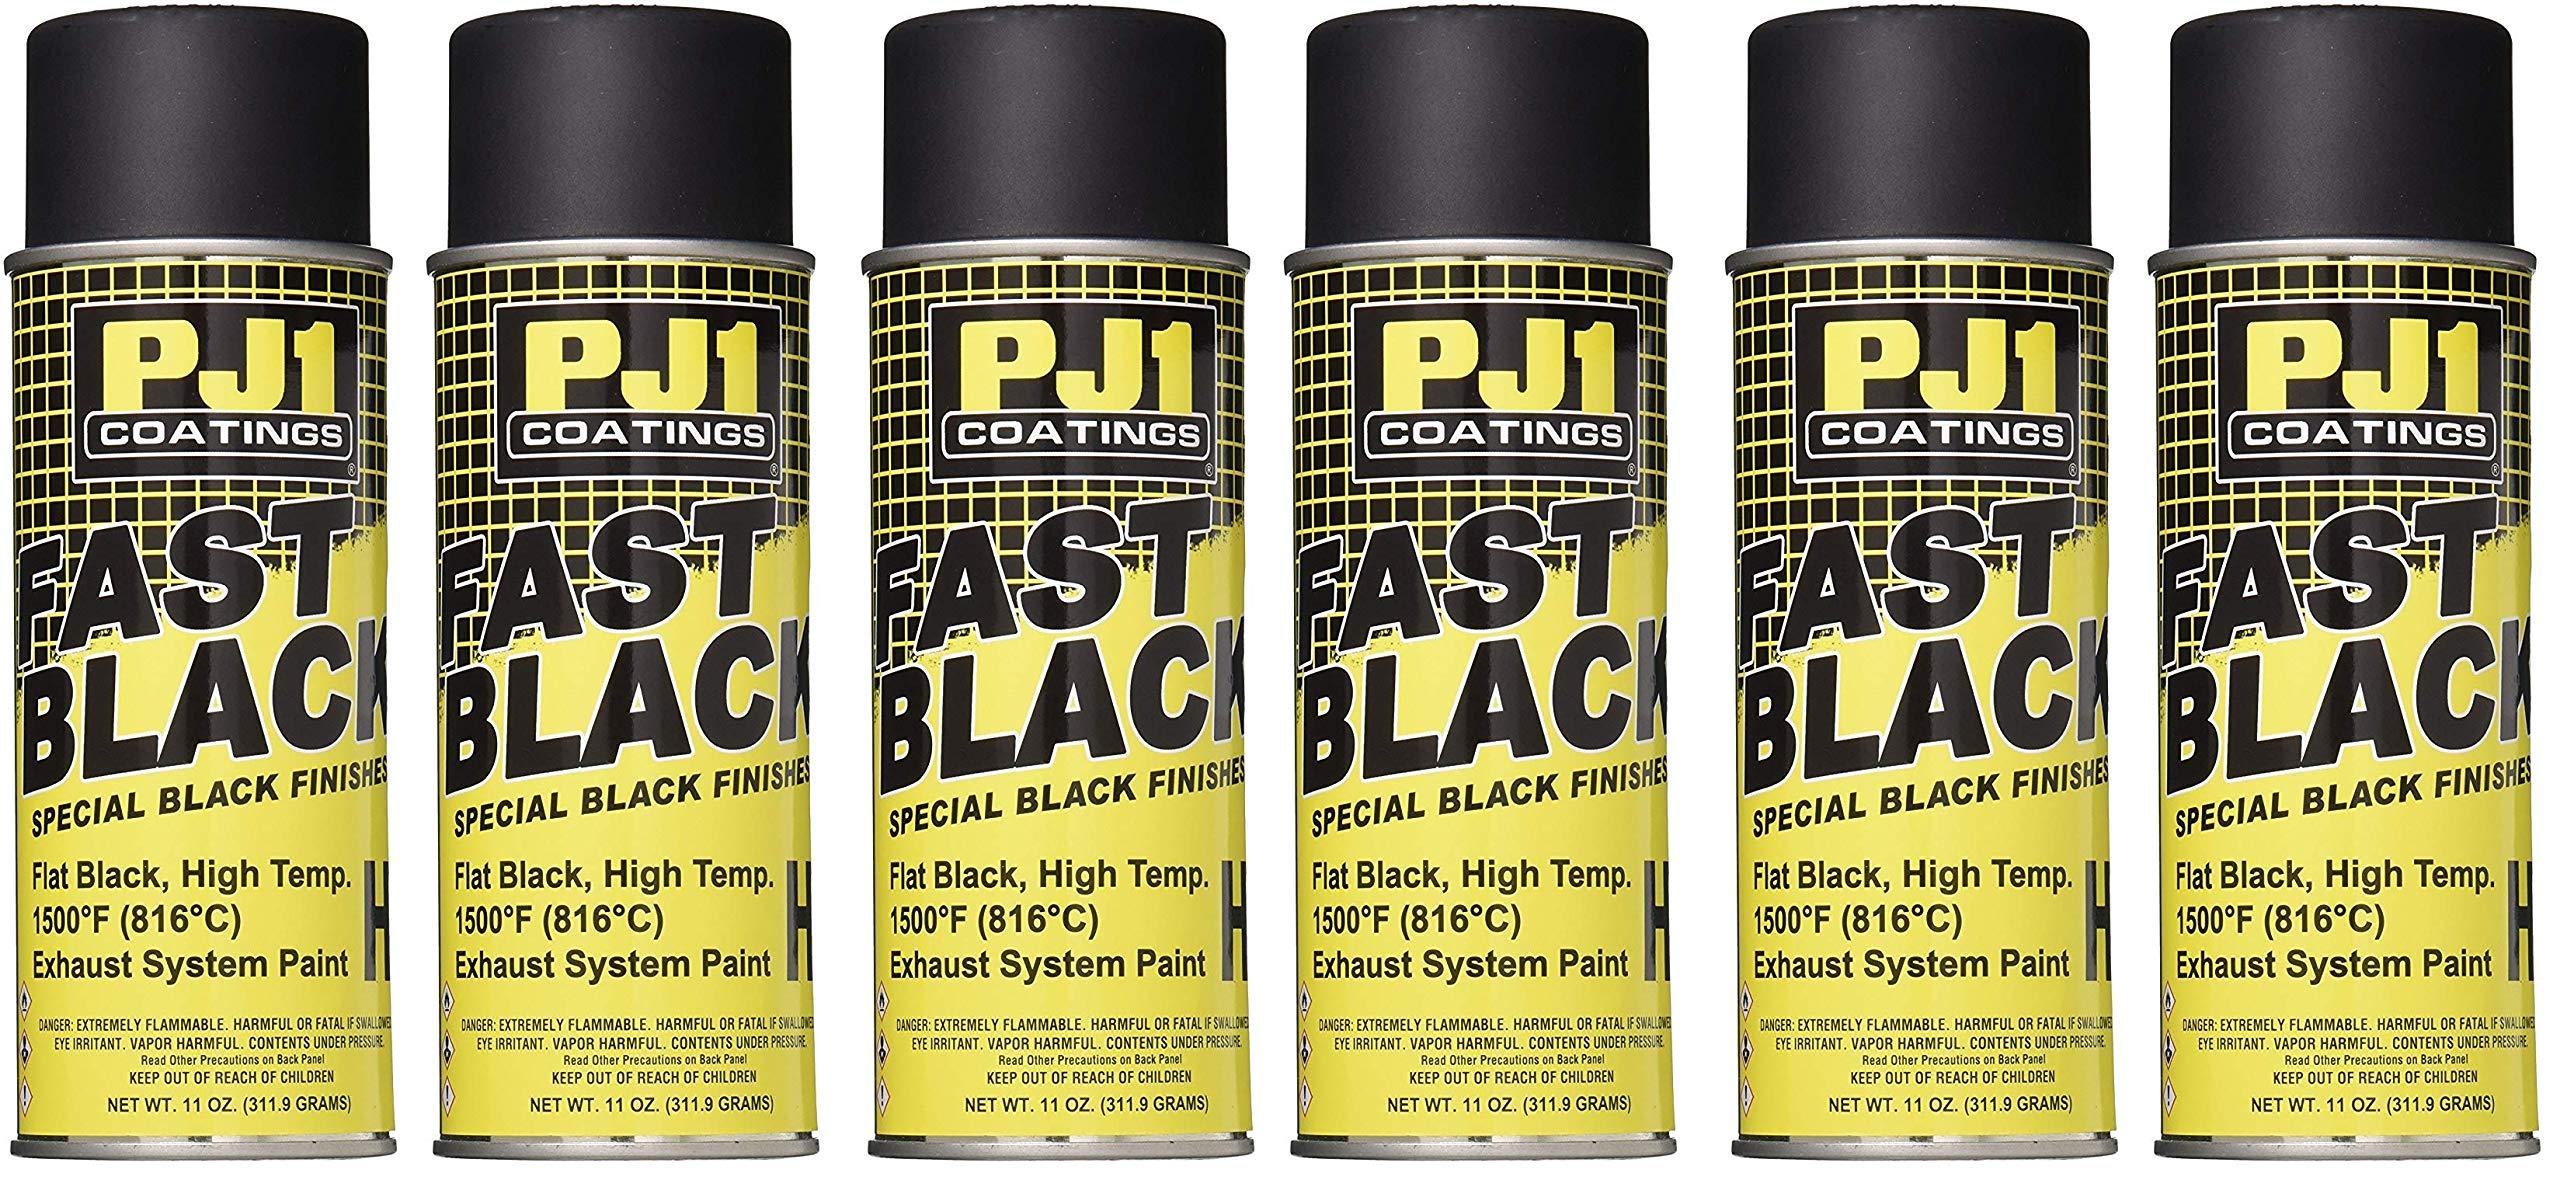 PJ1 16-HIT Flat Black Hi-Temp Spray Paint (Aerosol), 11 oz (6)